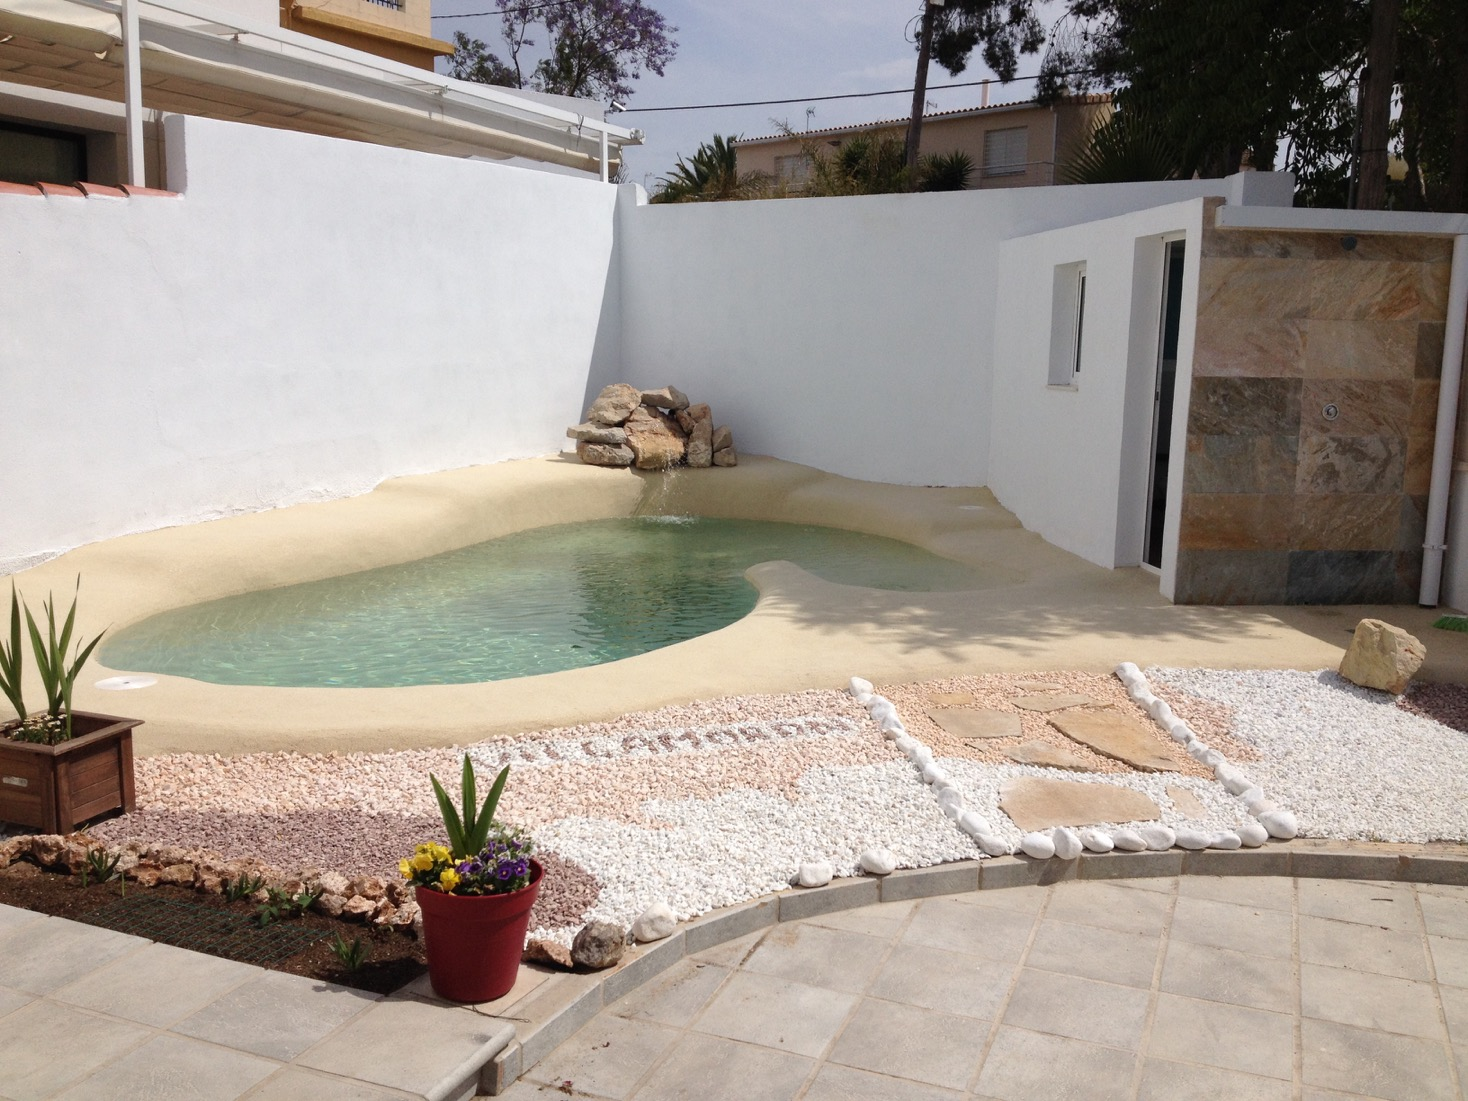 piscina de arena en espacio reducido